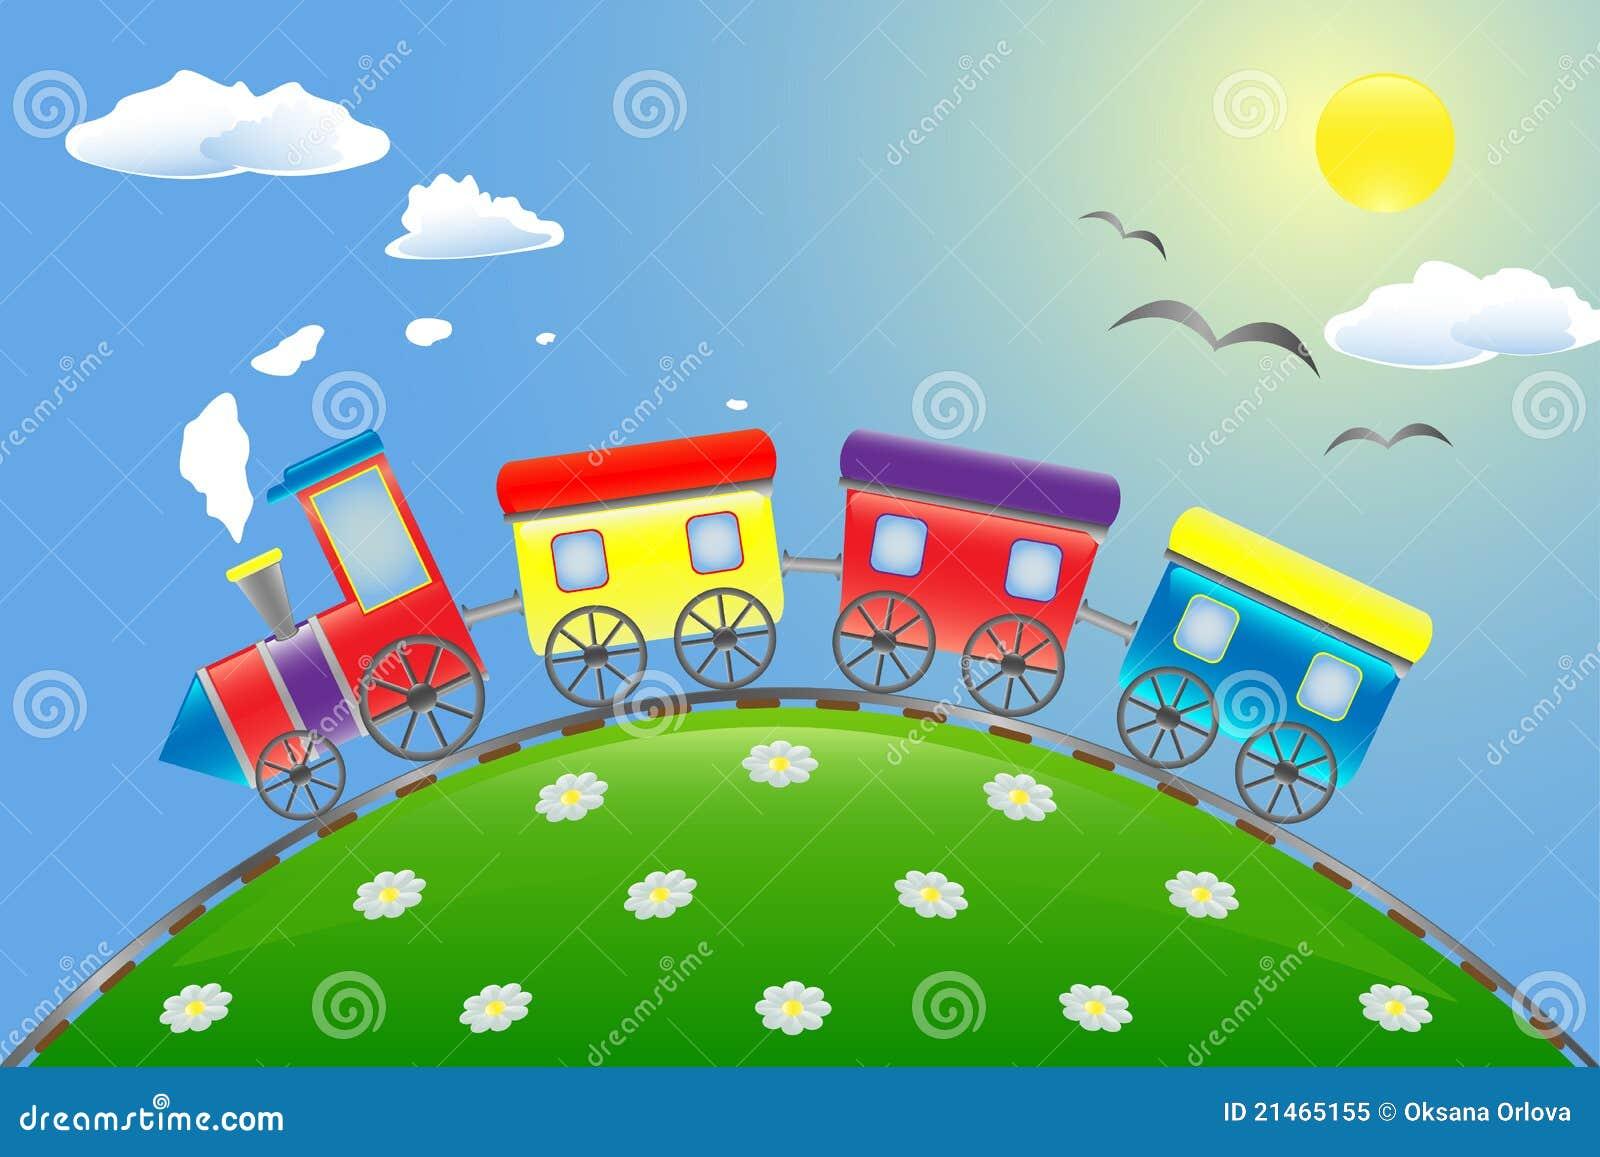 cartoon train royalty free stock photo image 21465155